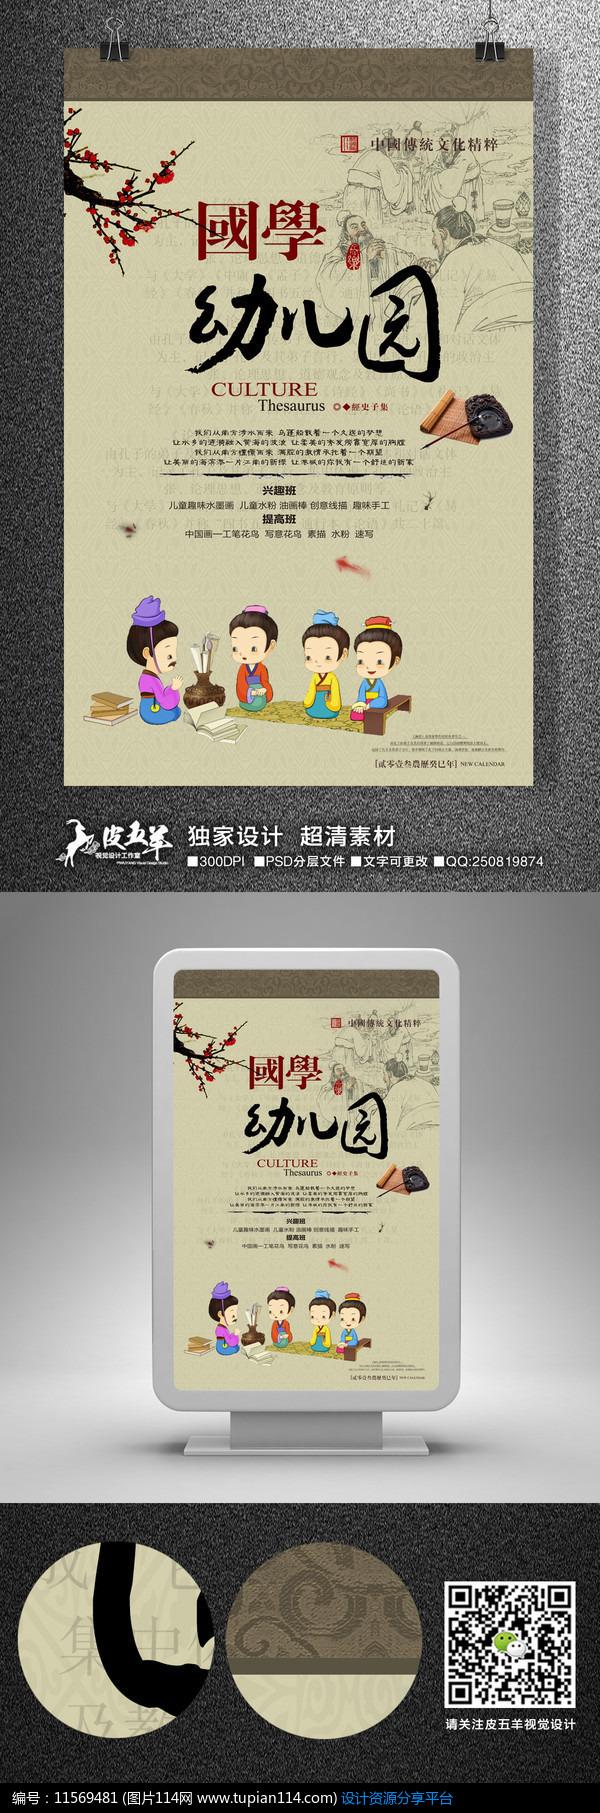 [原创] 中国风国学幼儿园招生海报